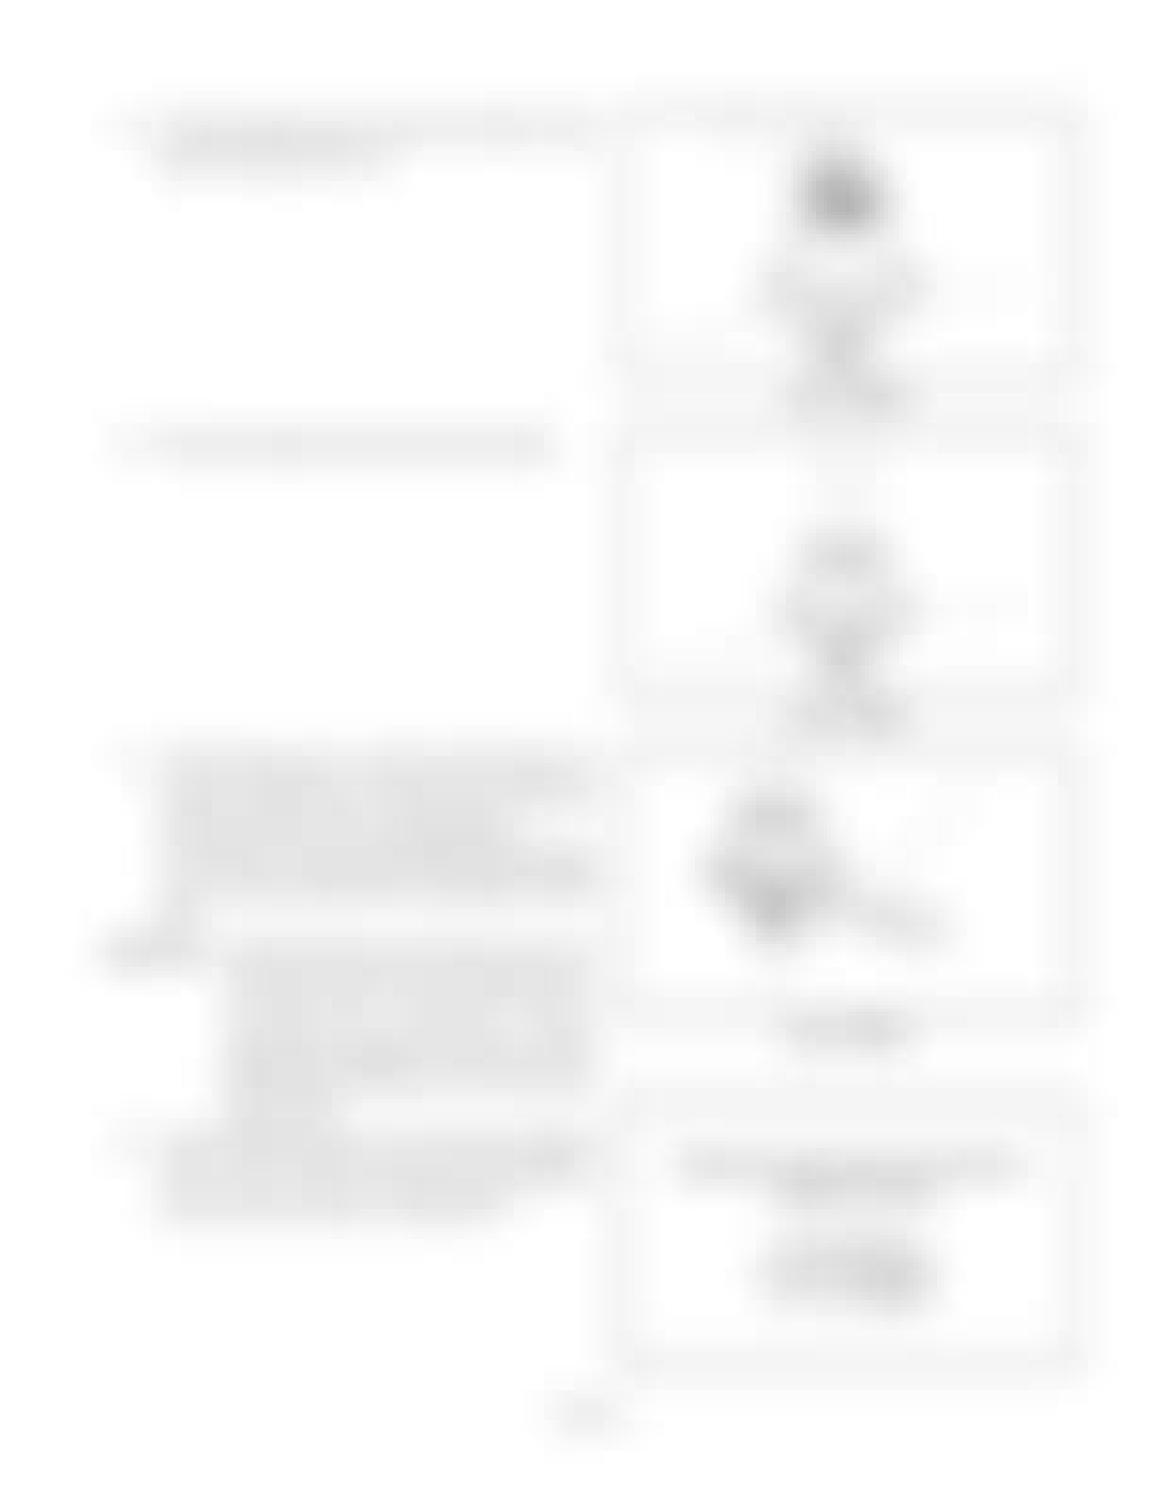 Hitachi LX110-7 LX130-7 LX160-7 LX190-7 LX230-7 Wheel Loader Workshop Manual - PDF DOWNLOAD page 201